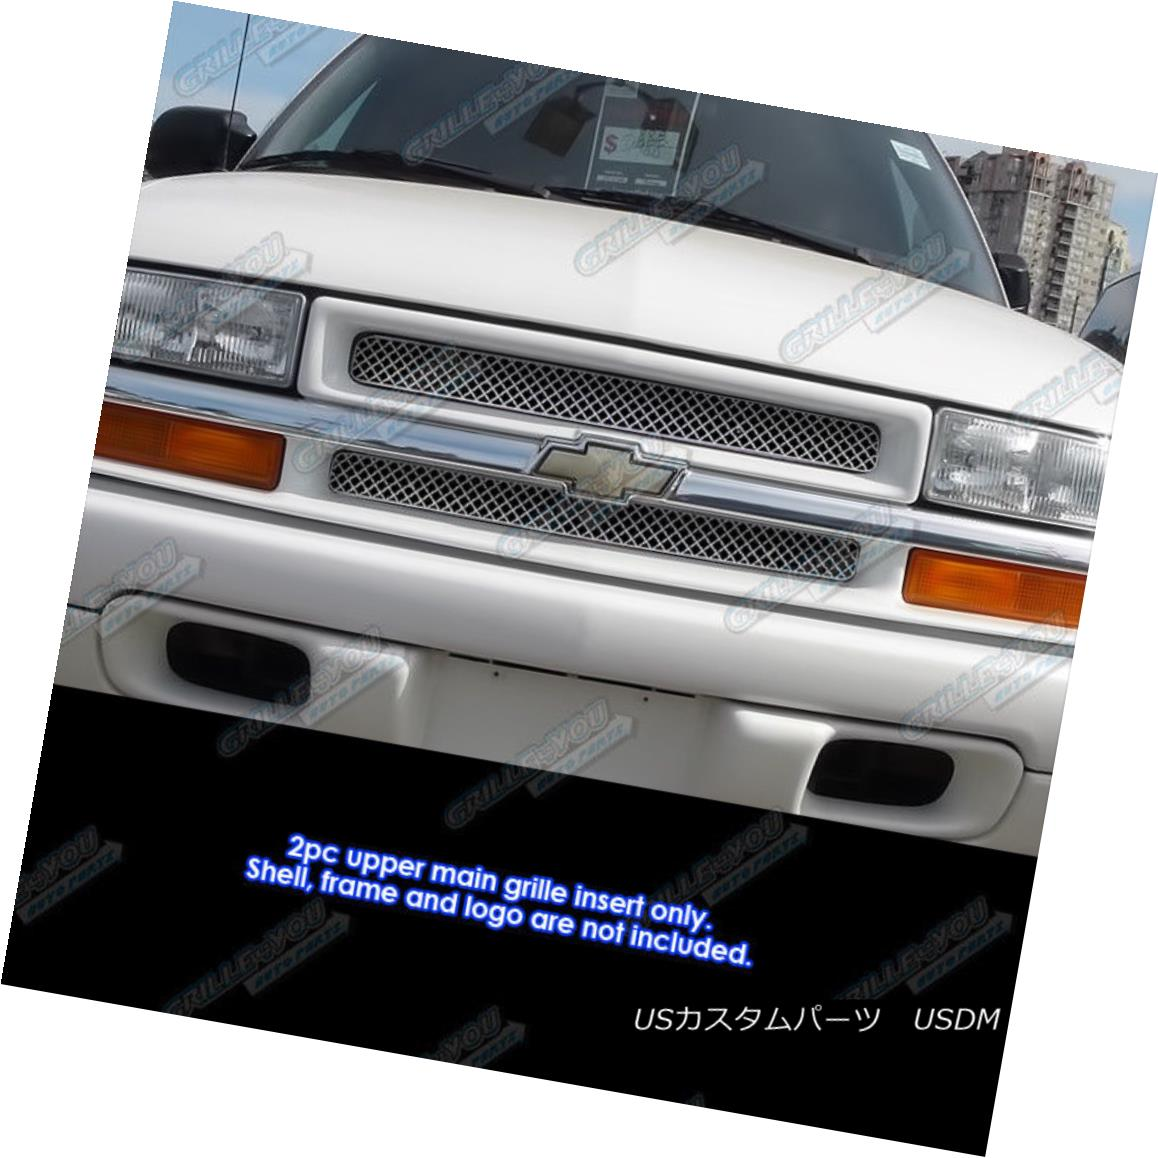 グリル Fits 1998-2005 Chevy Blazer/S-10 Criss Cross Stainless Steel X Mesh Grille 1998年から2005年のChevy Blazer / S-10 CrissクロスステンレススチールXメッシュグリルに適合